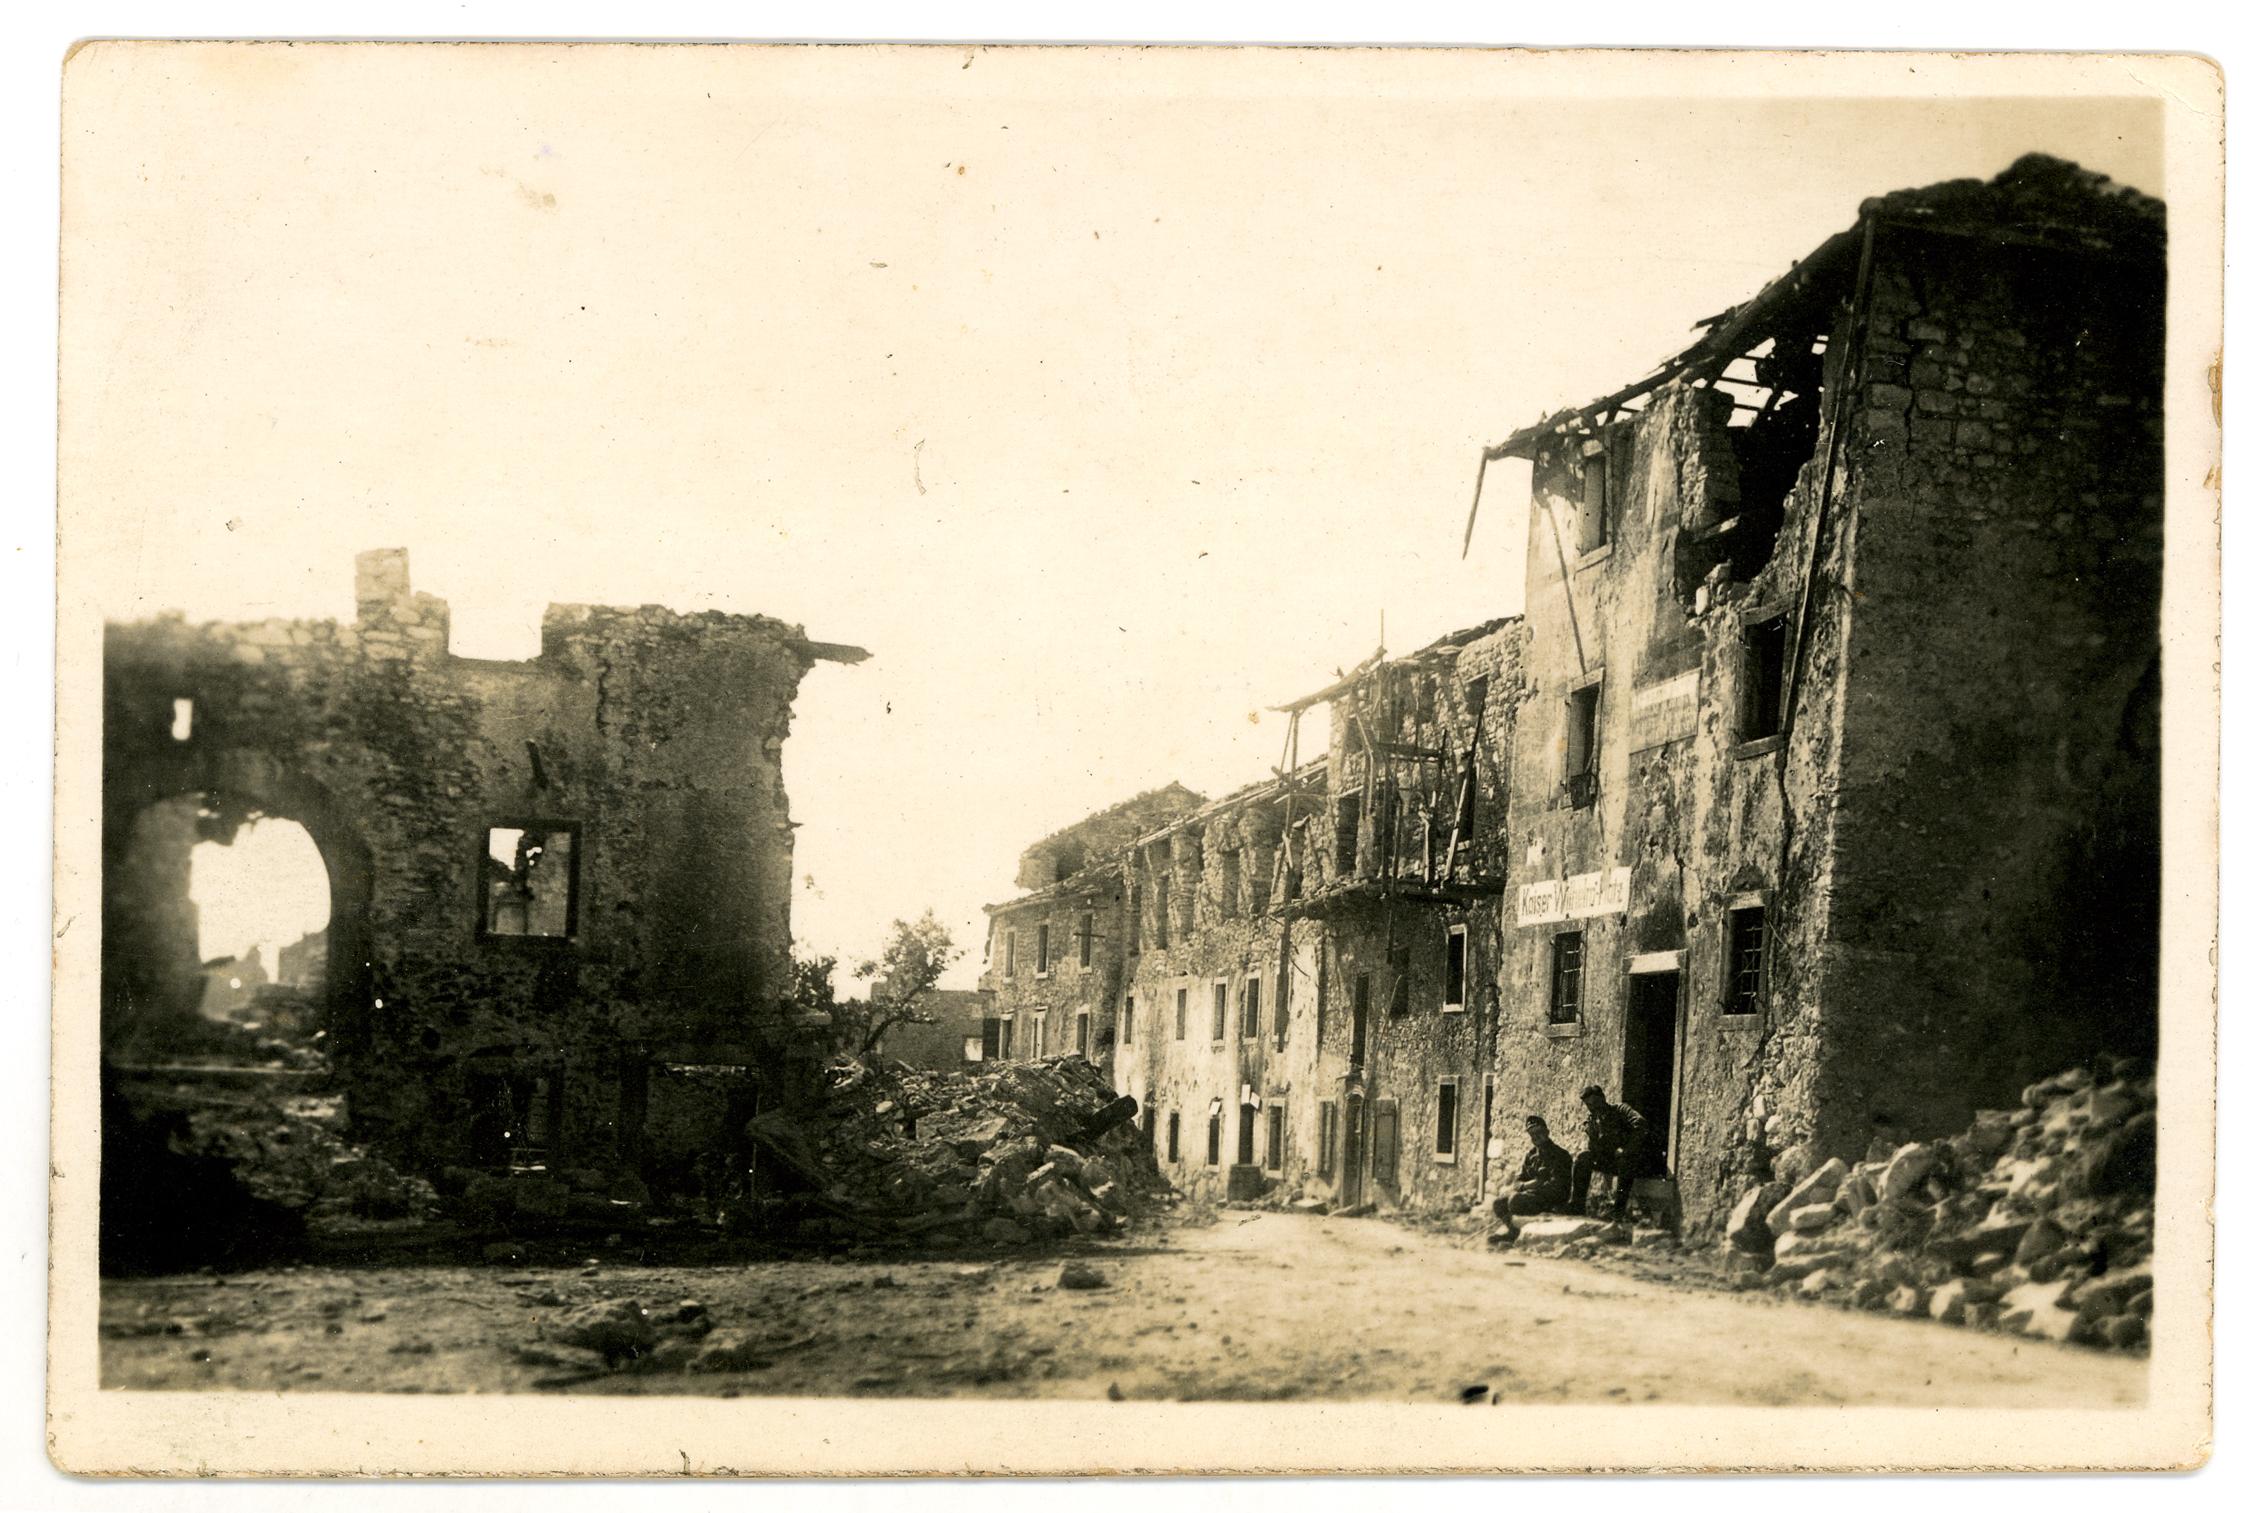 01 - rovine di Mezzaselva di Roana - ASDM.JPG